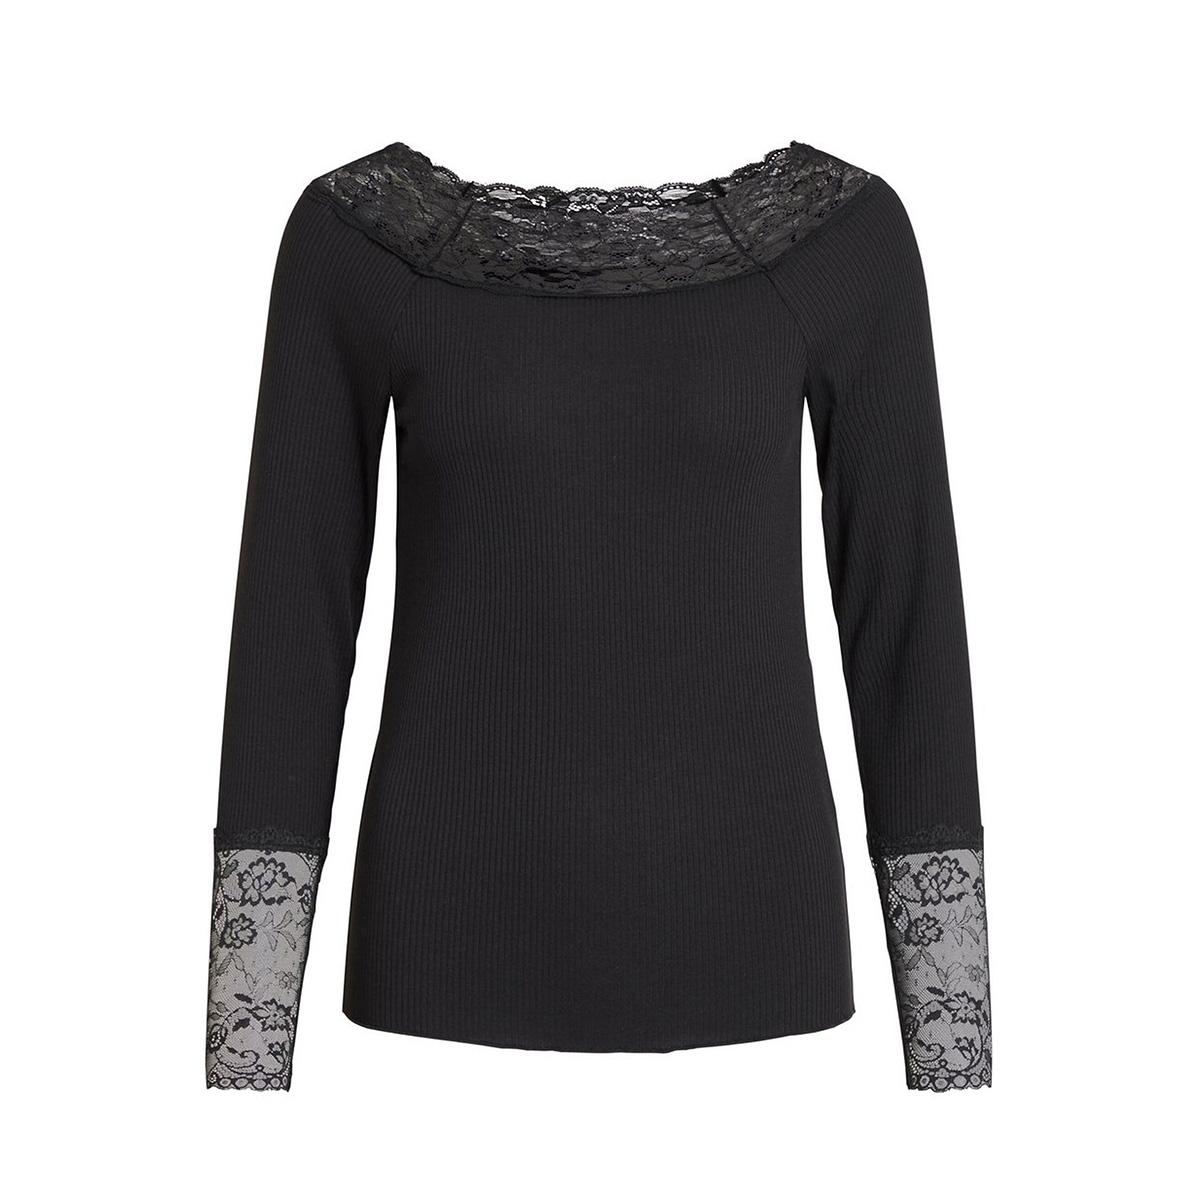 visofi boatneck l/s t-shirt 14053960 vila t-shirt black/w. black l